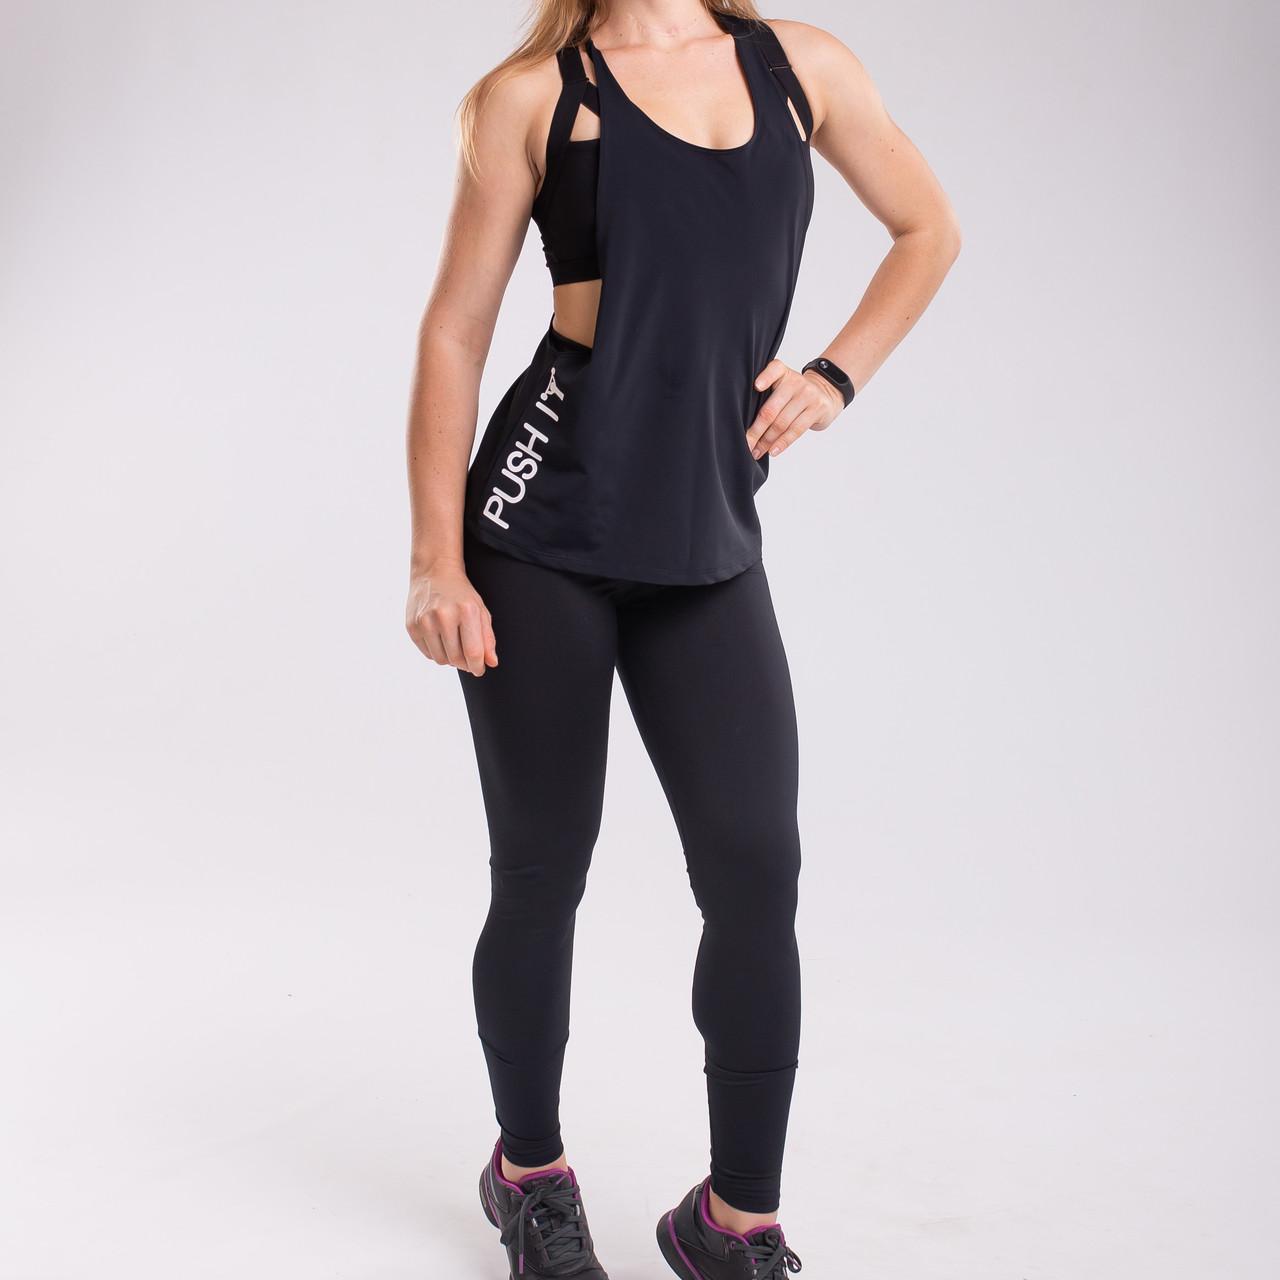 Костюм черный спортивный Set Black Bend: лосины + майка push it